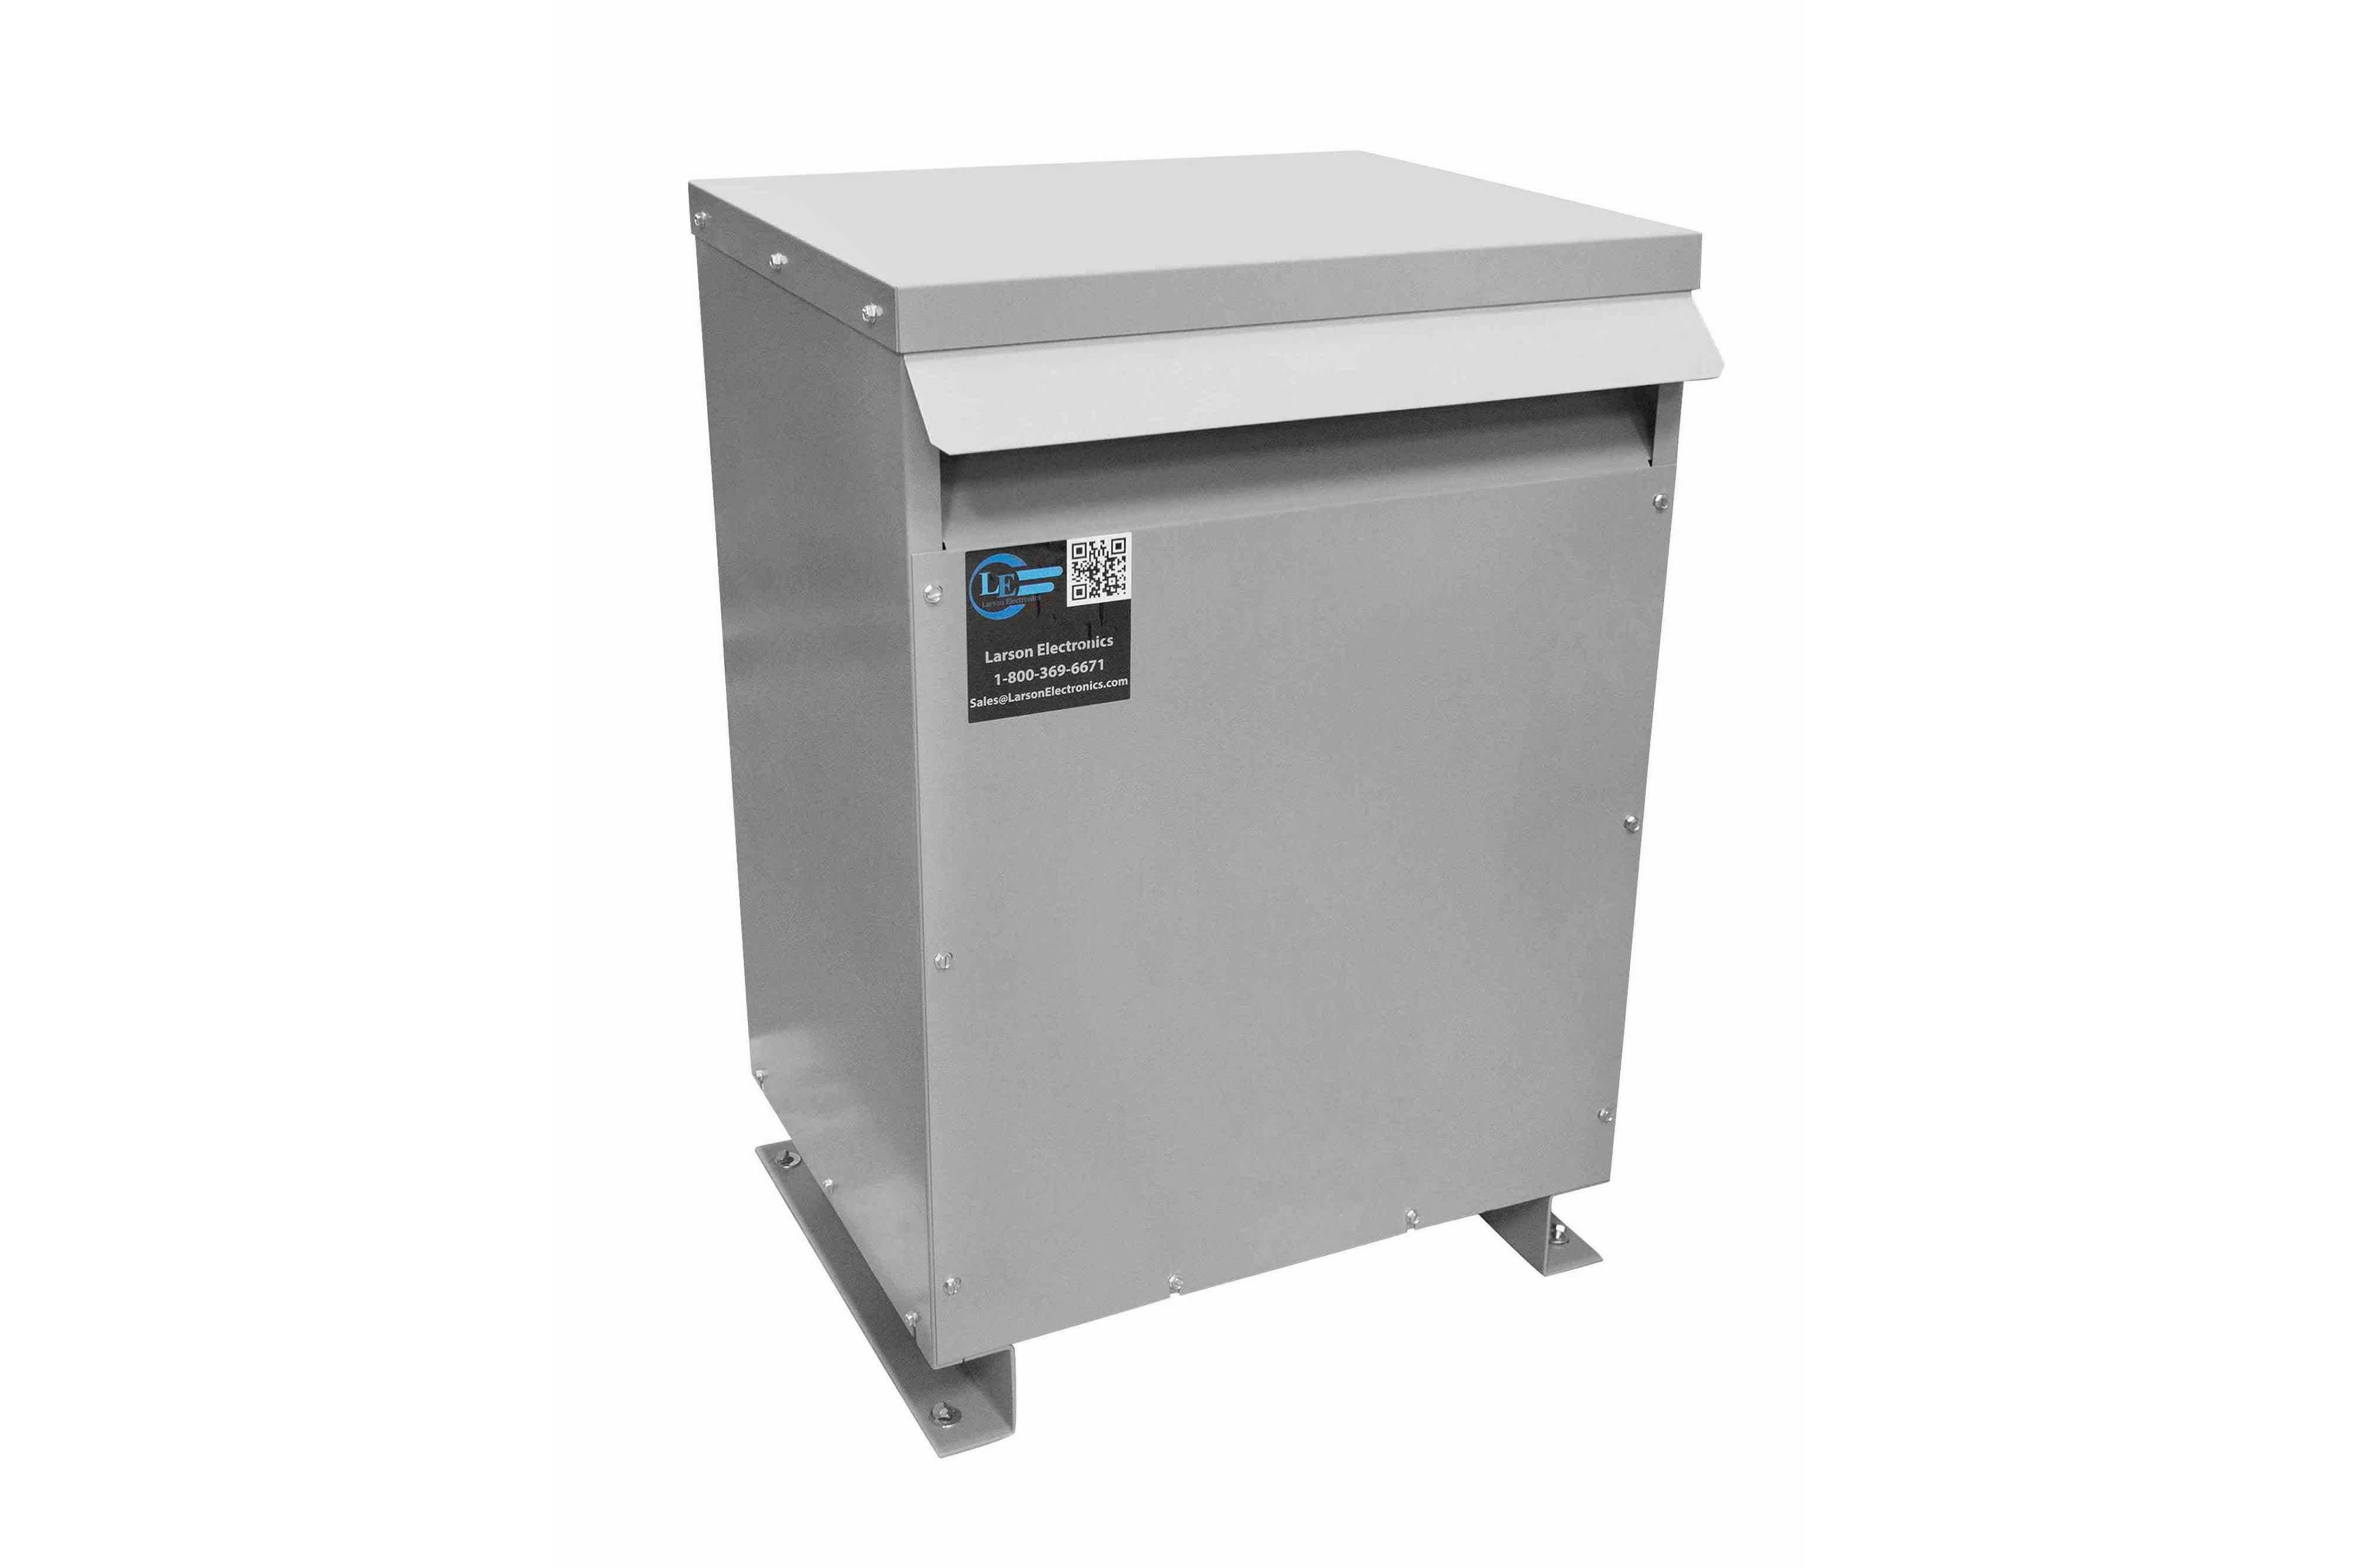 115 kVA 3PH Isolation Transformer, 440V Delta Primary, 240 Delta Secondary, N3R, Ventilated, 60 Hz